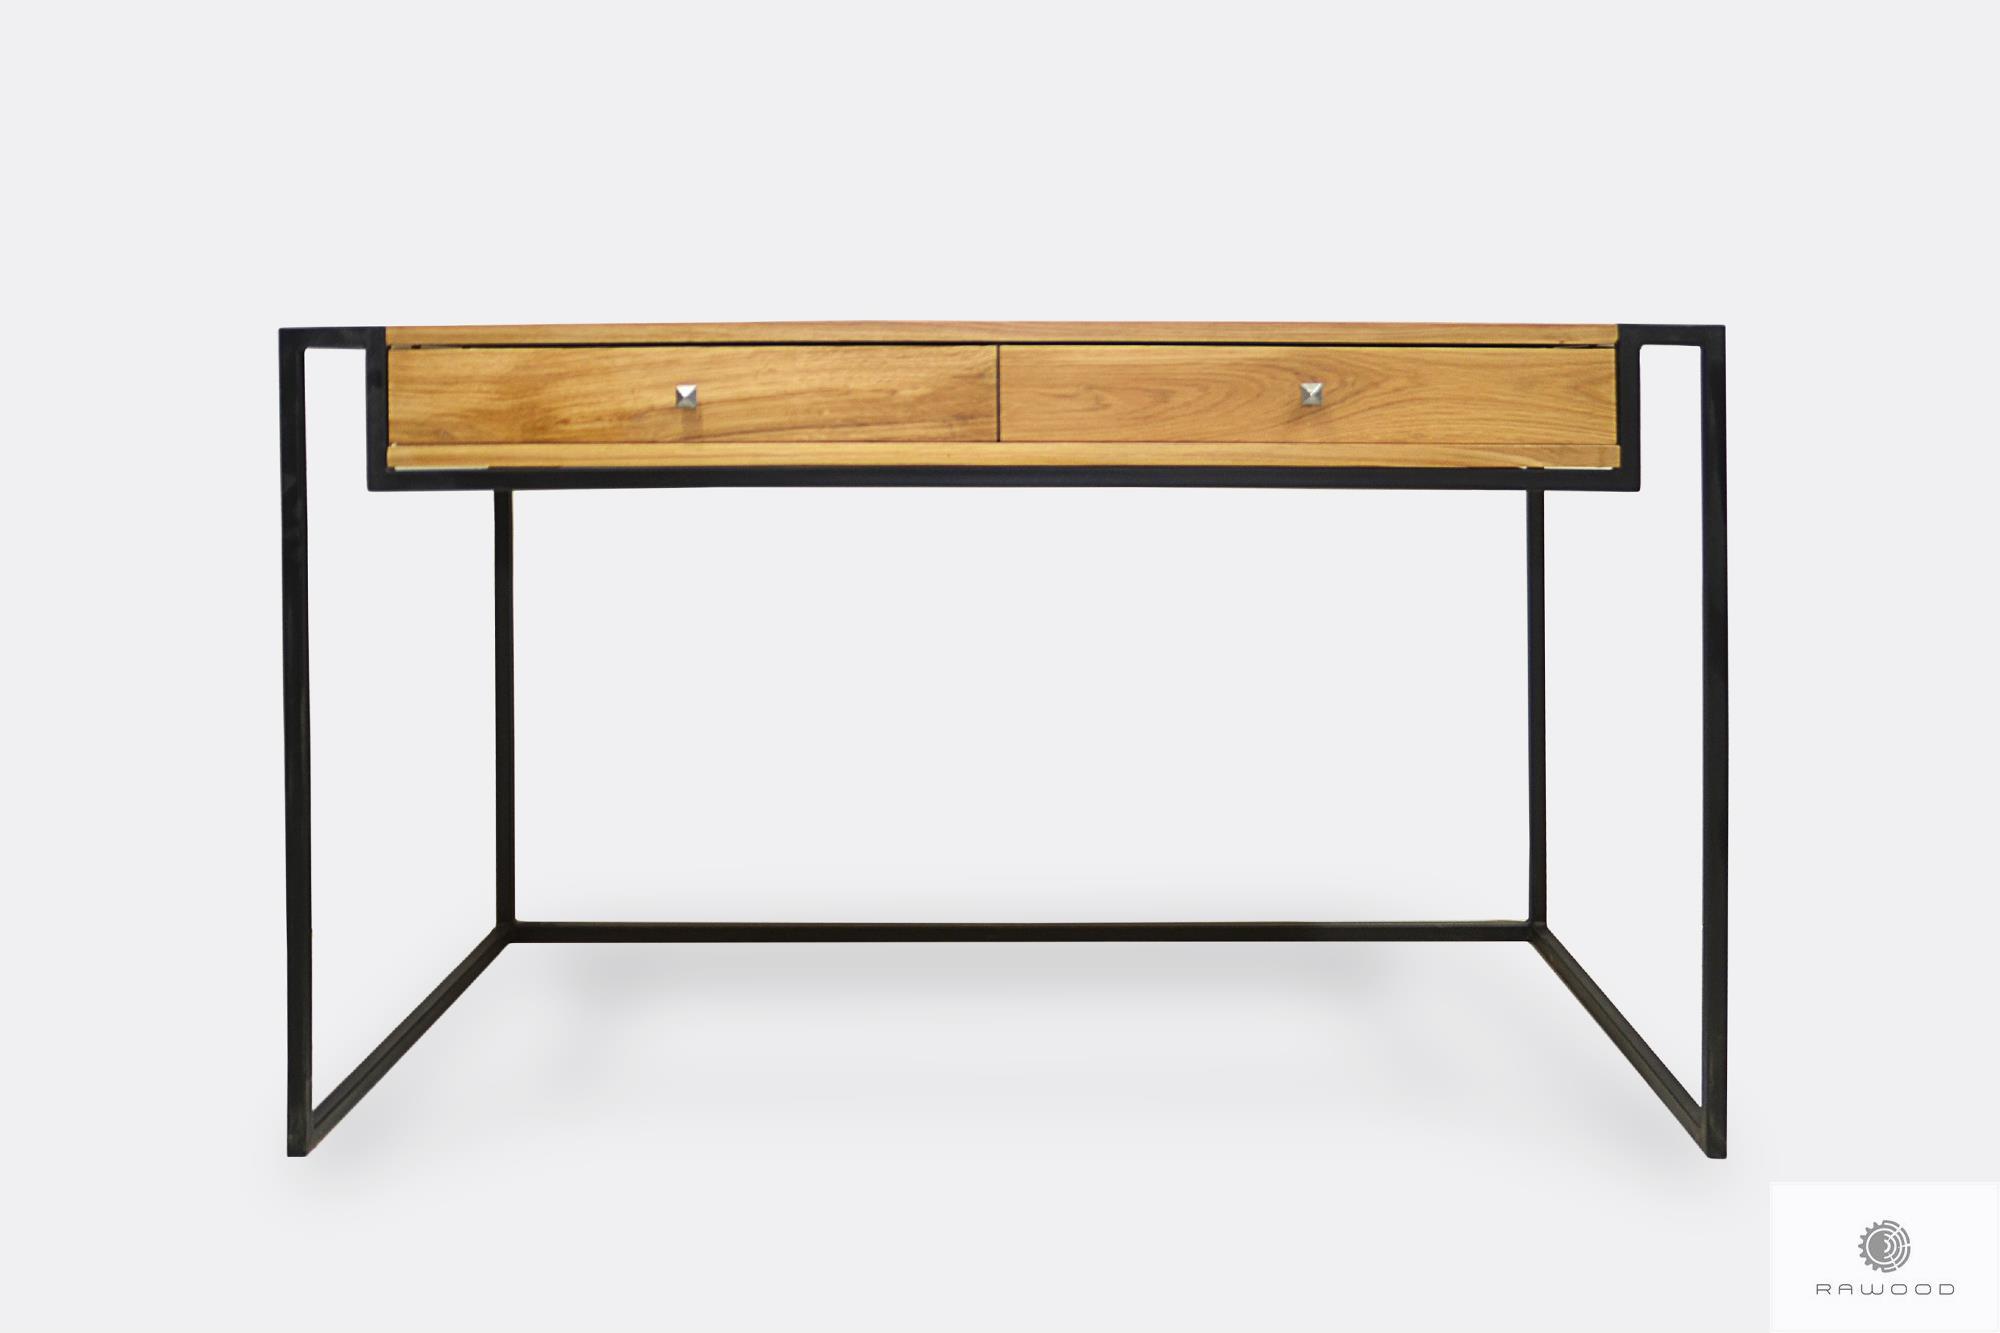 Industrialne biurko dębowe w stylu loft do gabinetu KING